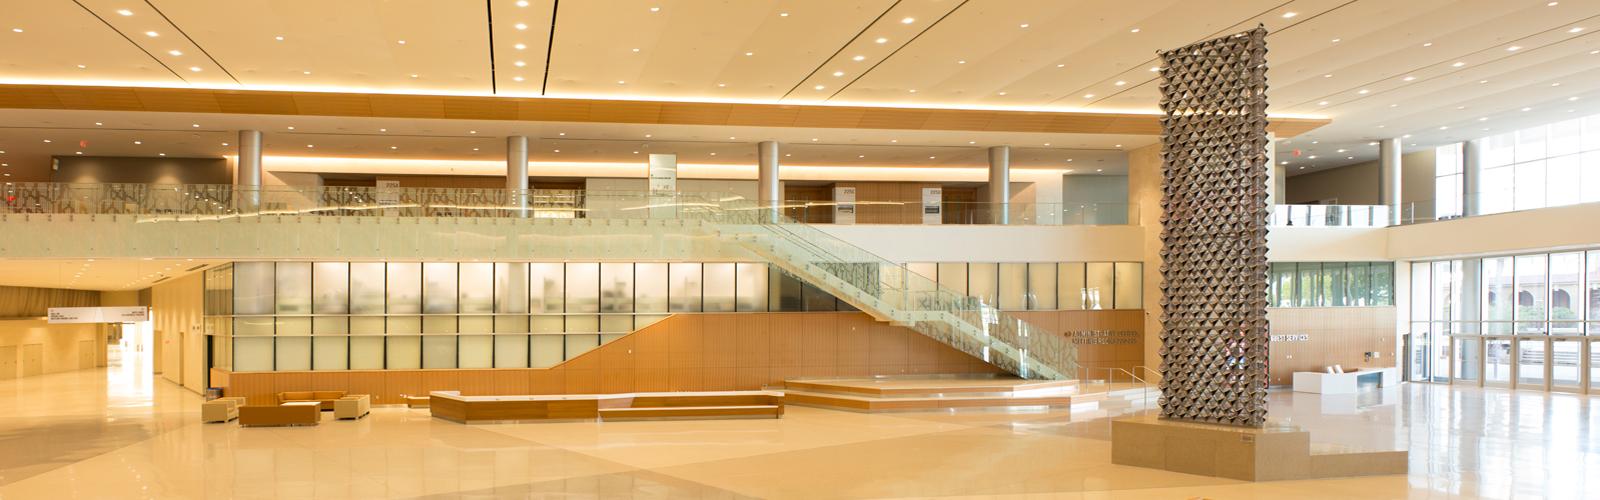 Amazing Convention Center U003e Home